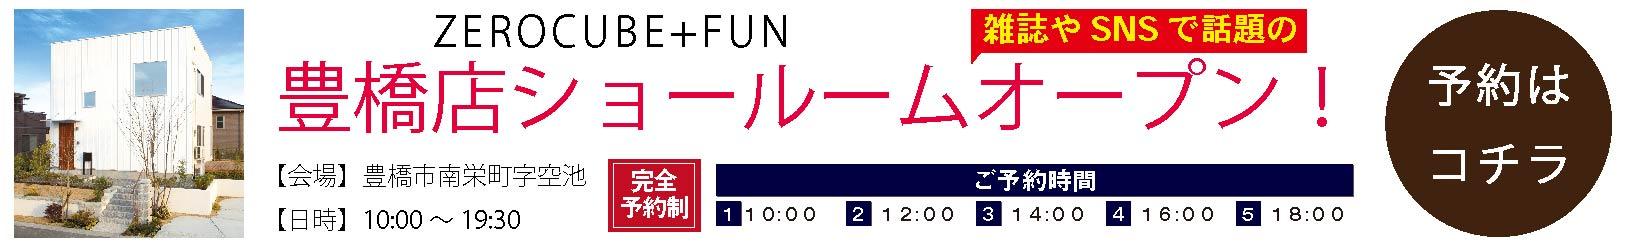 豊橋店イベントバナー